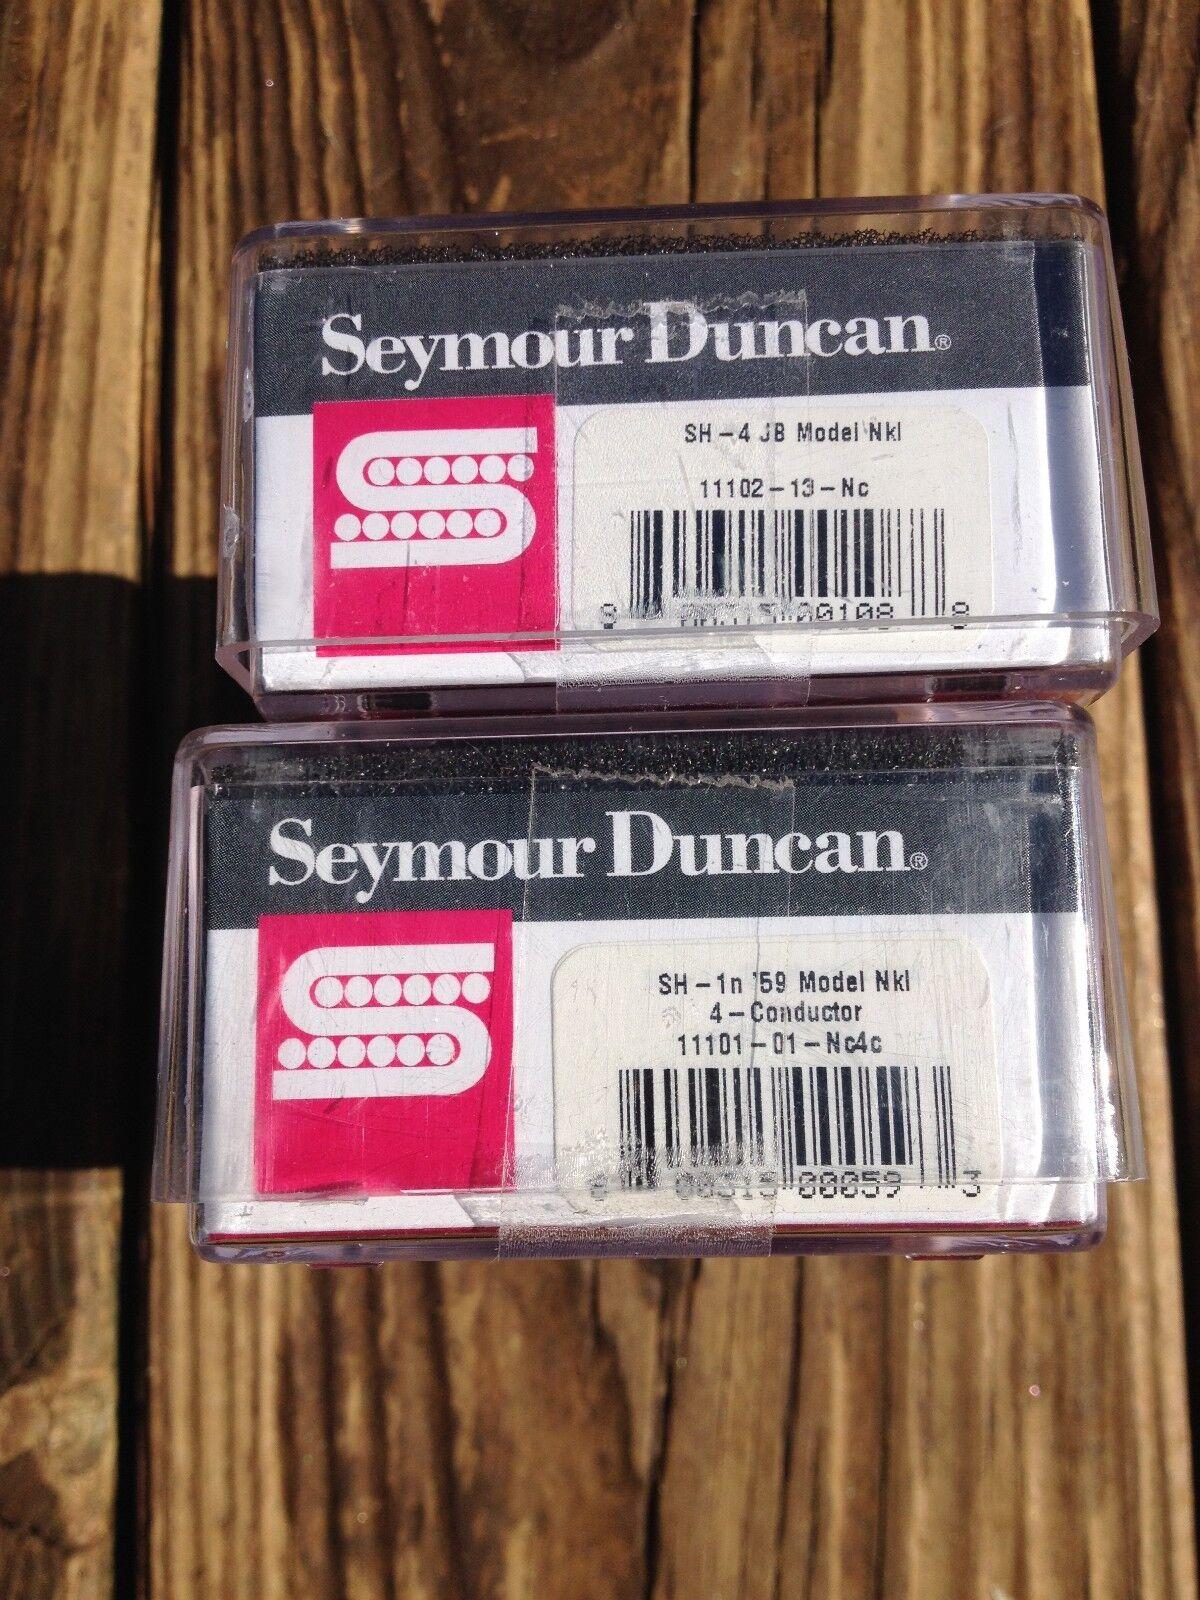 Seymour Duncan SH-4 SH-4 SH-4 JB Puente y SH-1N 59 conjunto de recogida cuello 4 conductor de níquel a7d70c